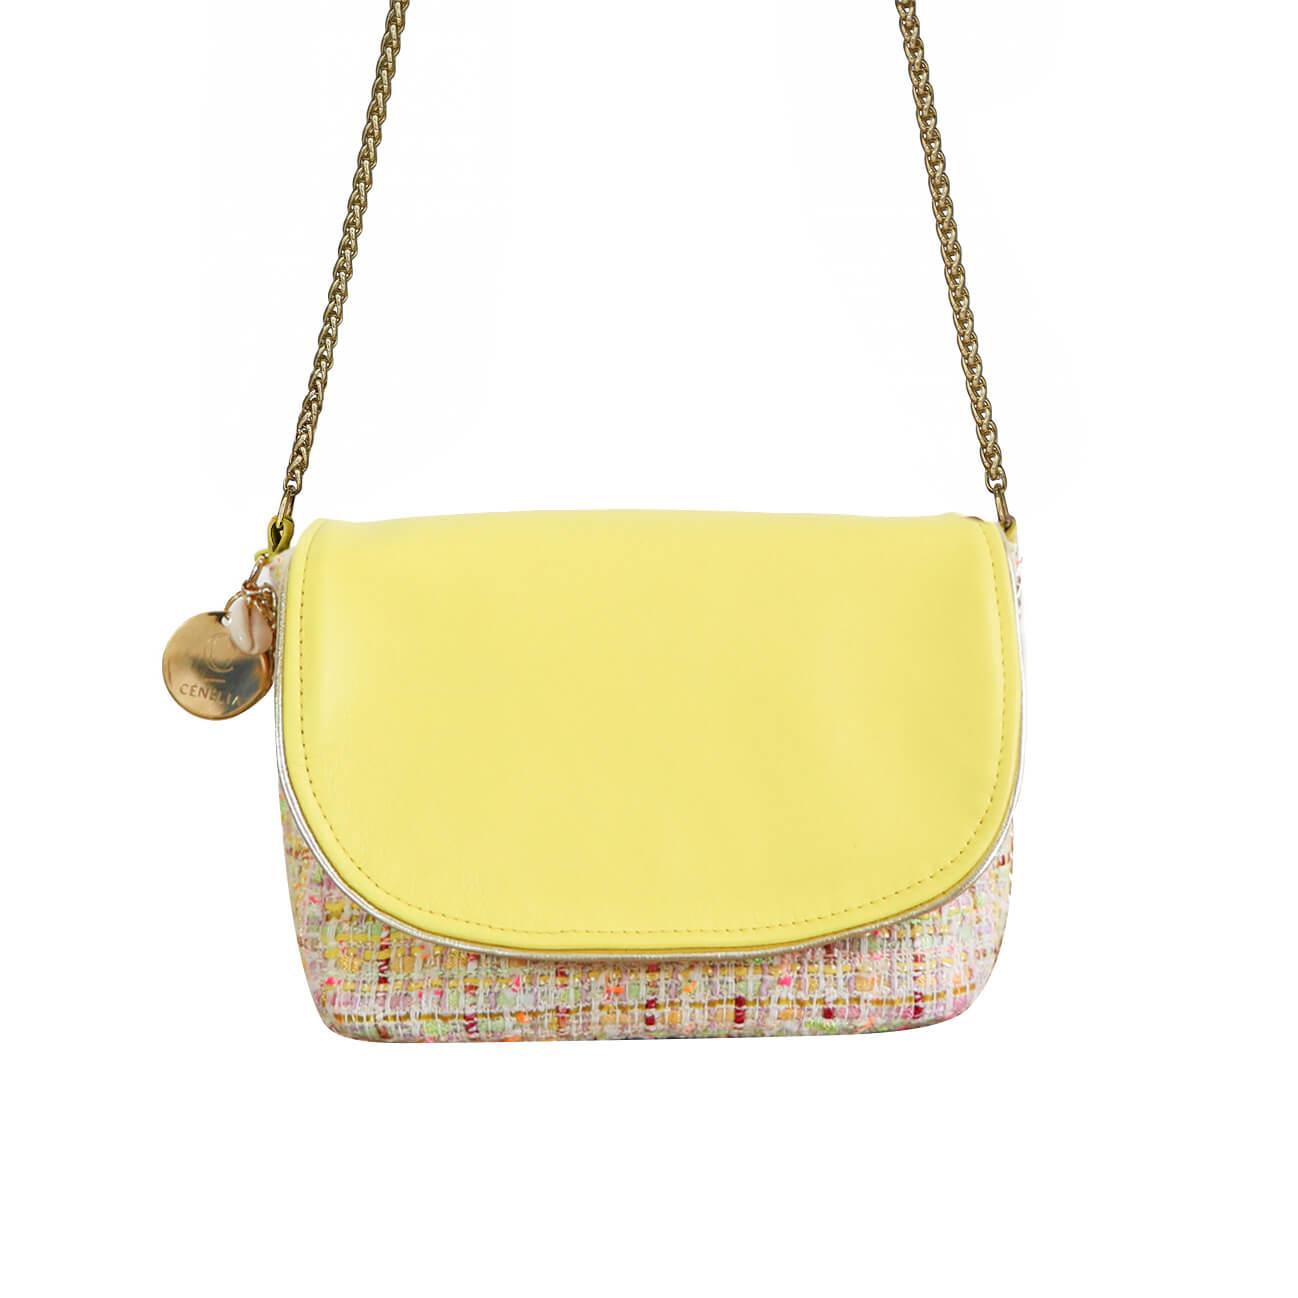 petit sac en tweed et cuir jaune Chloé - Cénélia